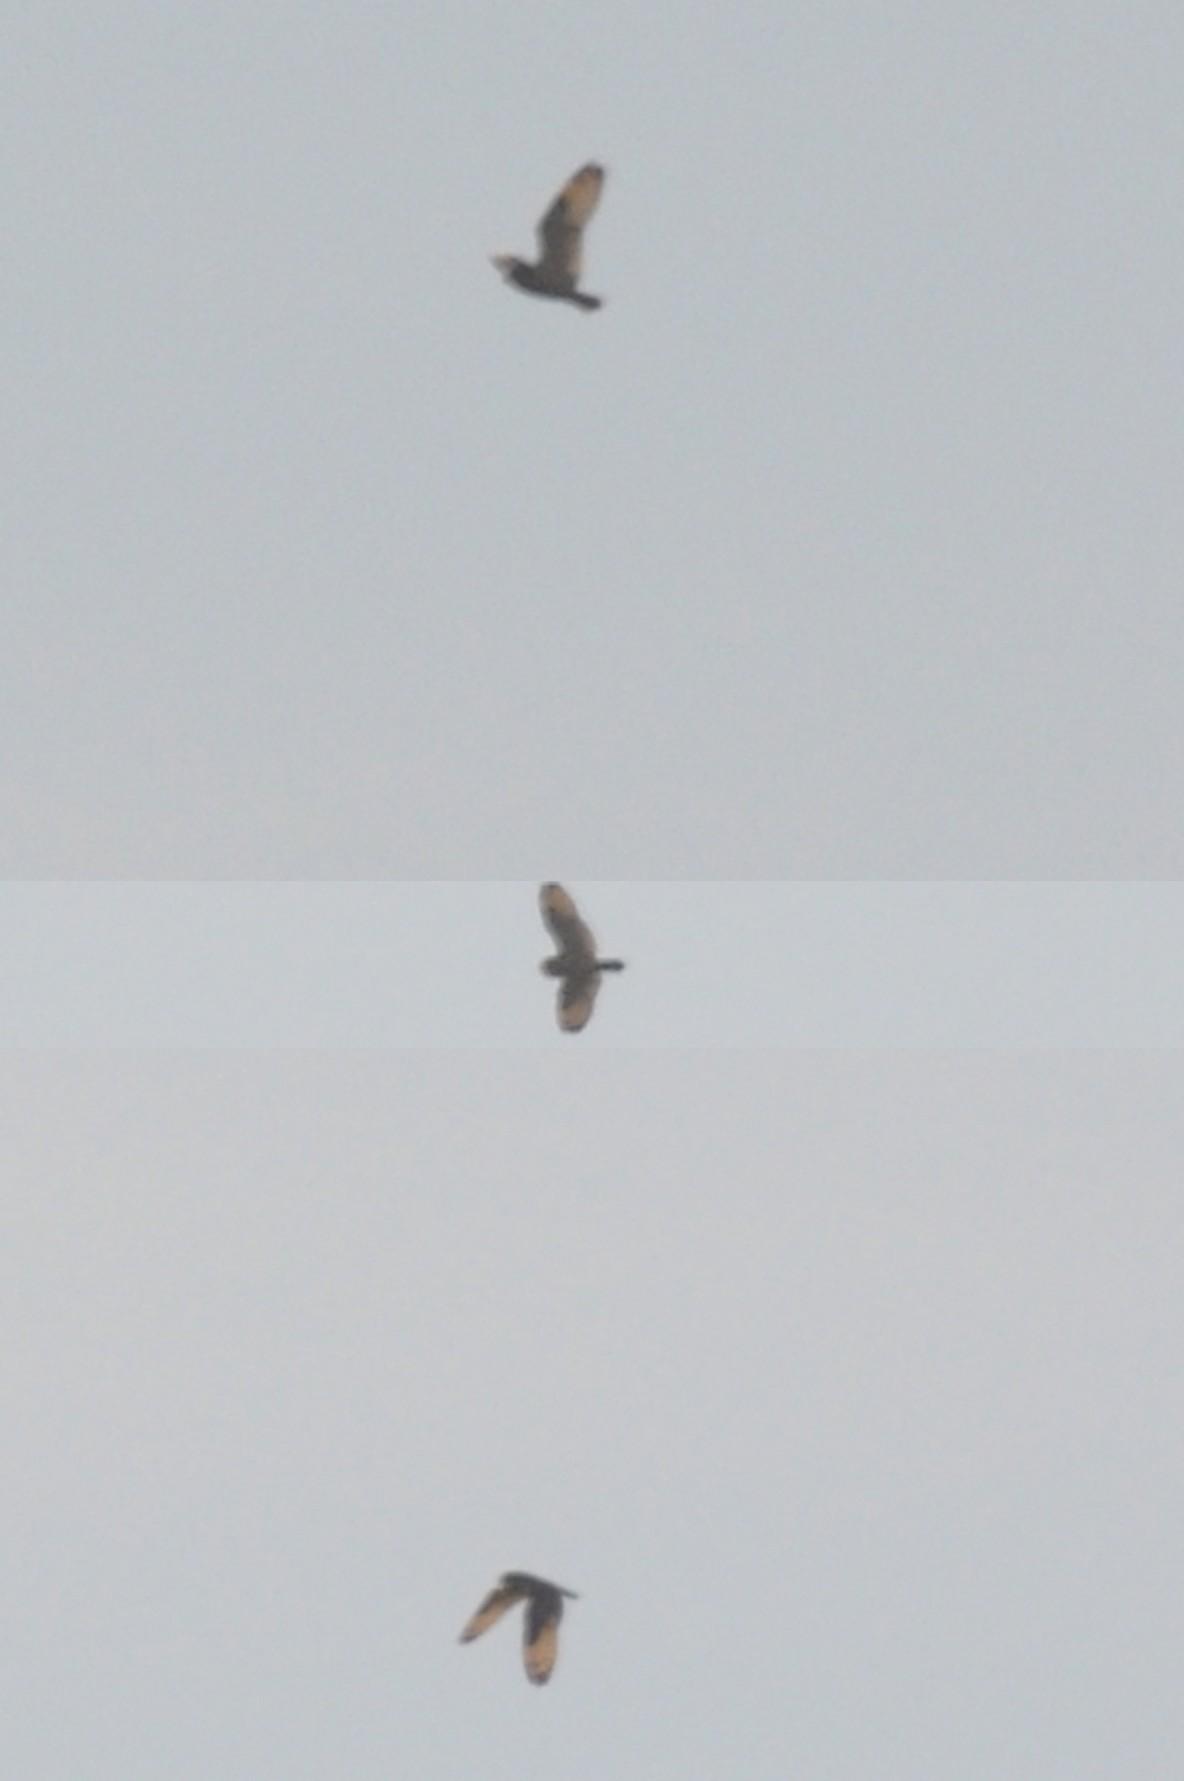 Marsh Owl / Hibou du Cap (Asio capensis), Oued Martil, northern Morocco, 16 Oct. 2011 (Rachid El Khamlichi).